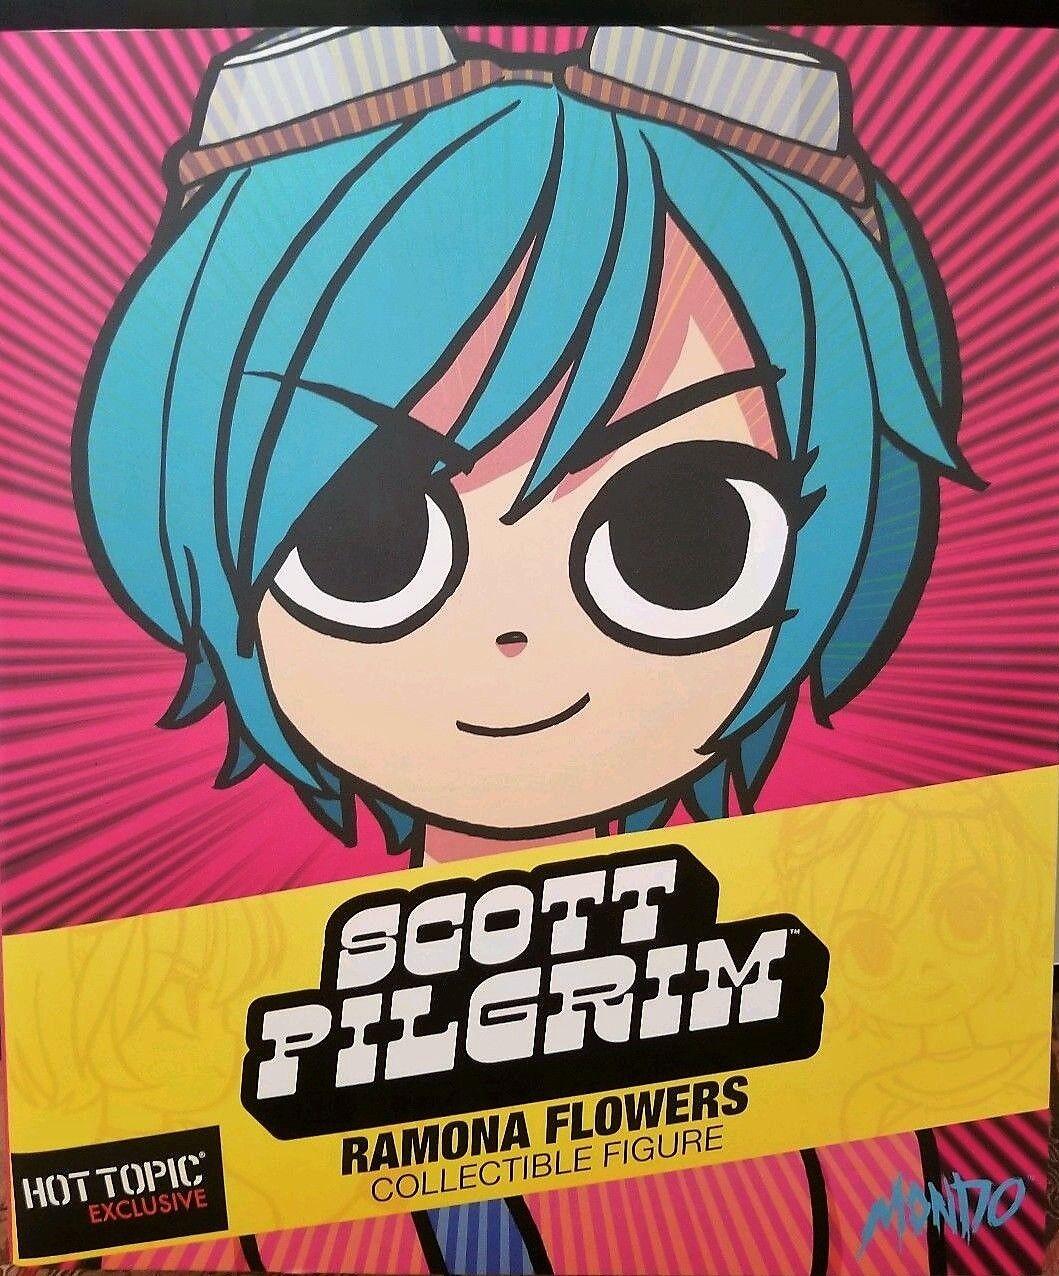 hasta un 70% de descuento Ramona Flores Mondo Hot Topic Exclusivo Exclusivo Exclusivo Figura Scott Pilgrim verde Negro blancoo  barato y de moda